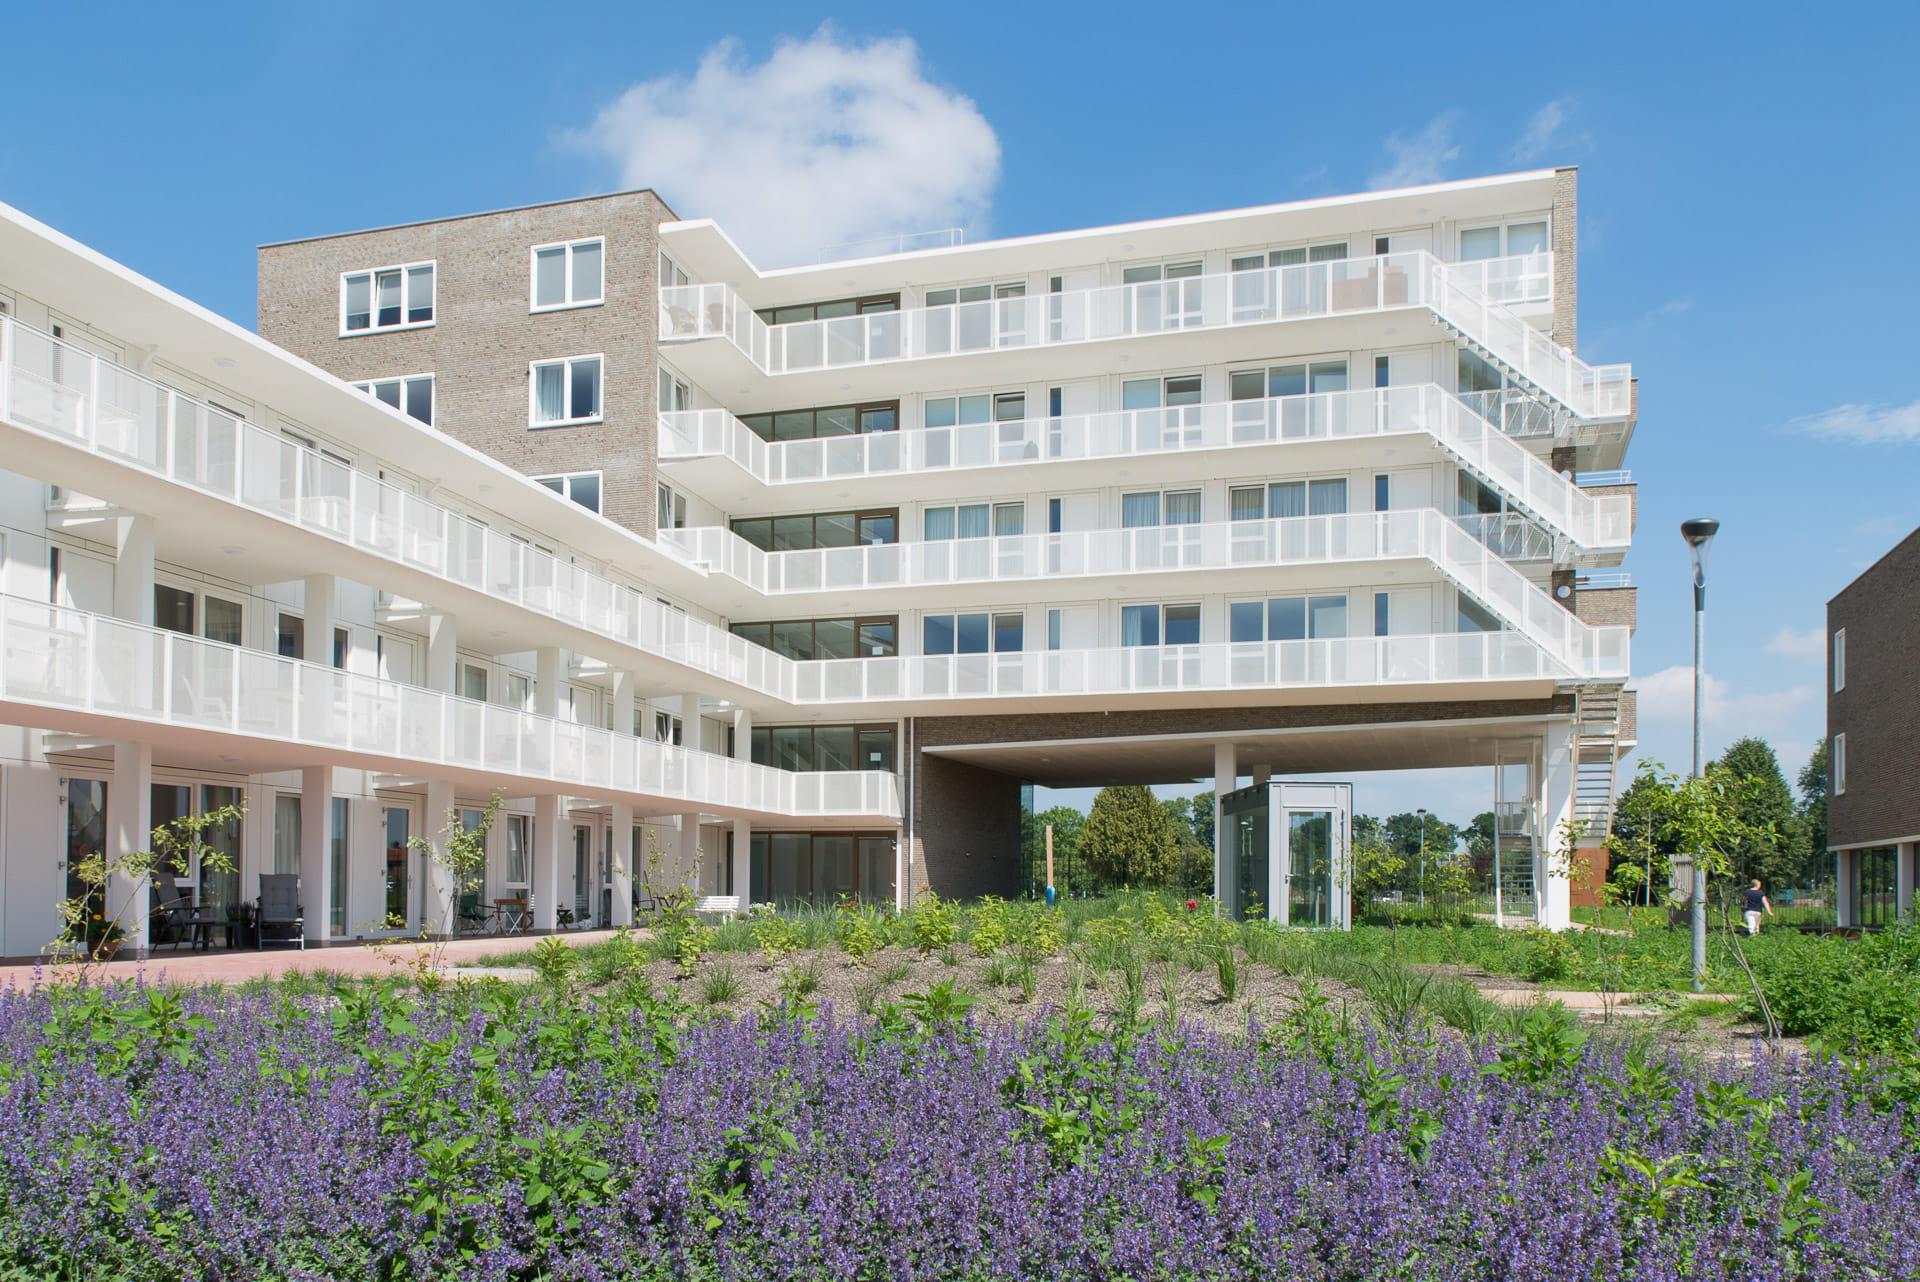 Gebouw met witte gallerijen met lavendel op voorgrond